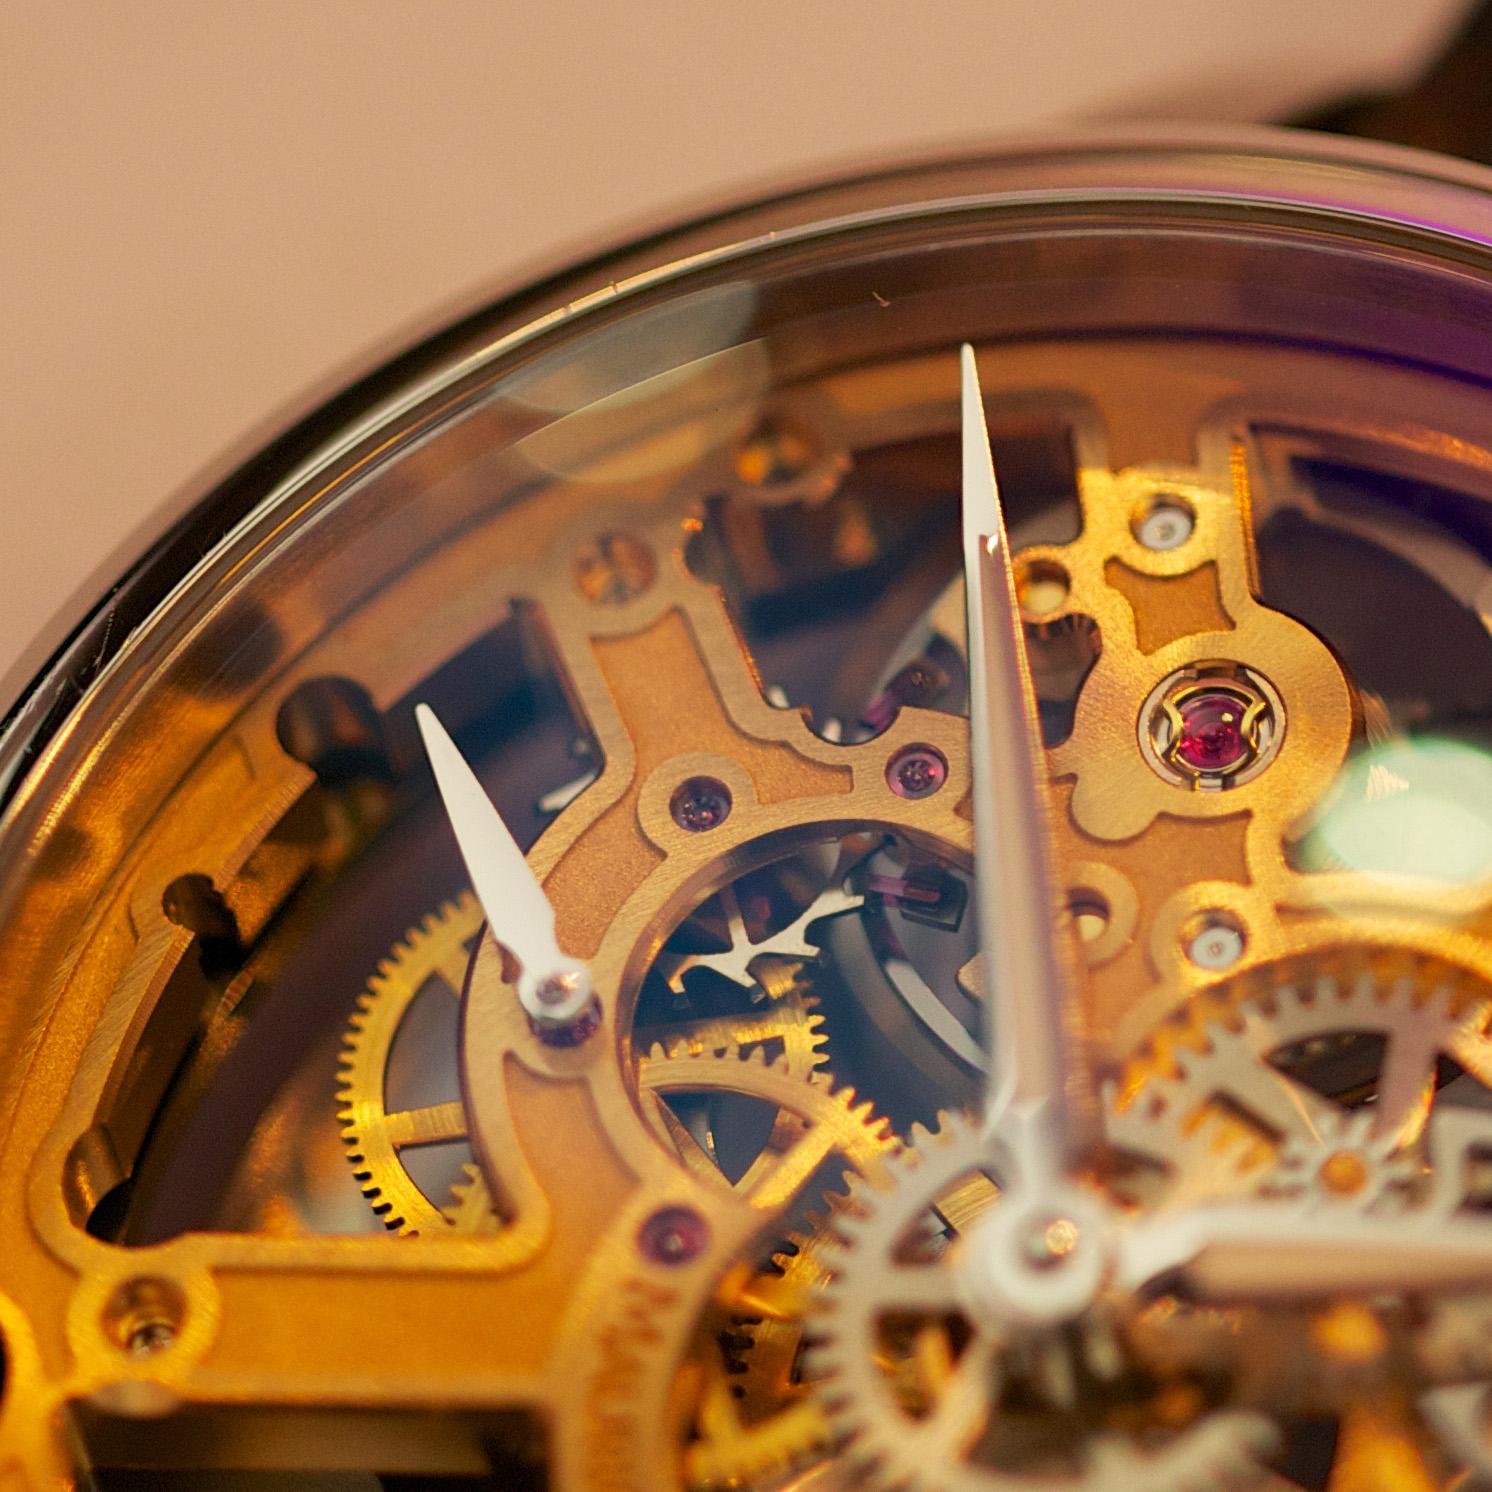 Maurice Lacroix Masterpiece Squelette - Dial Close-up